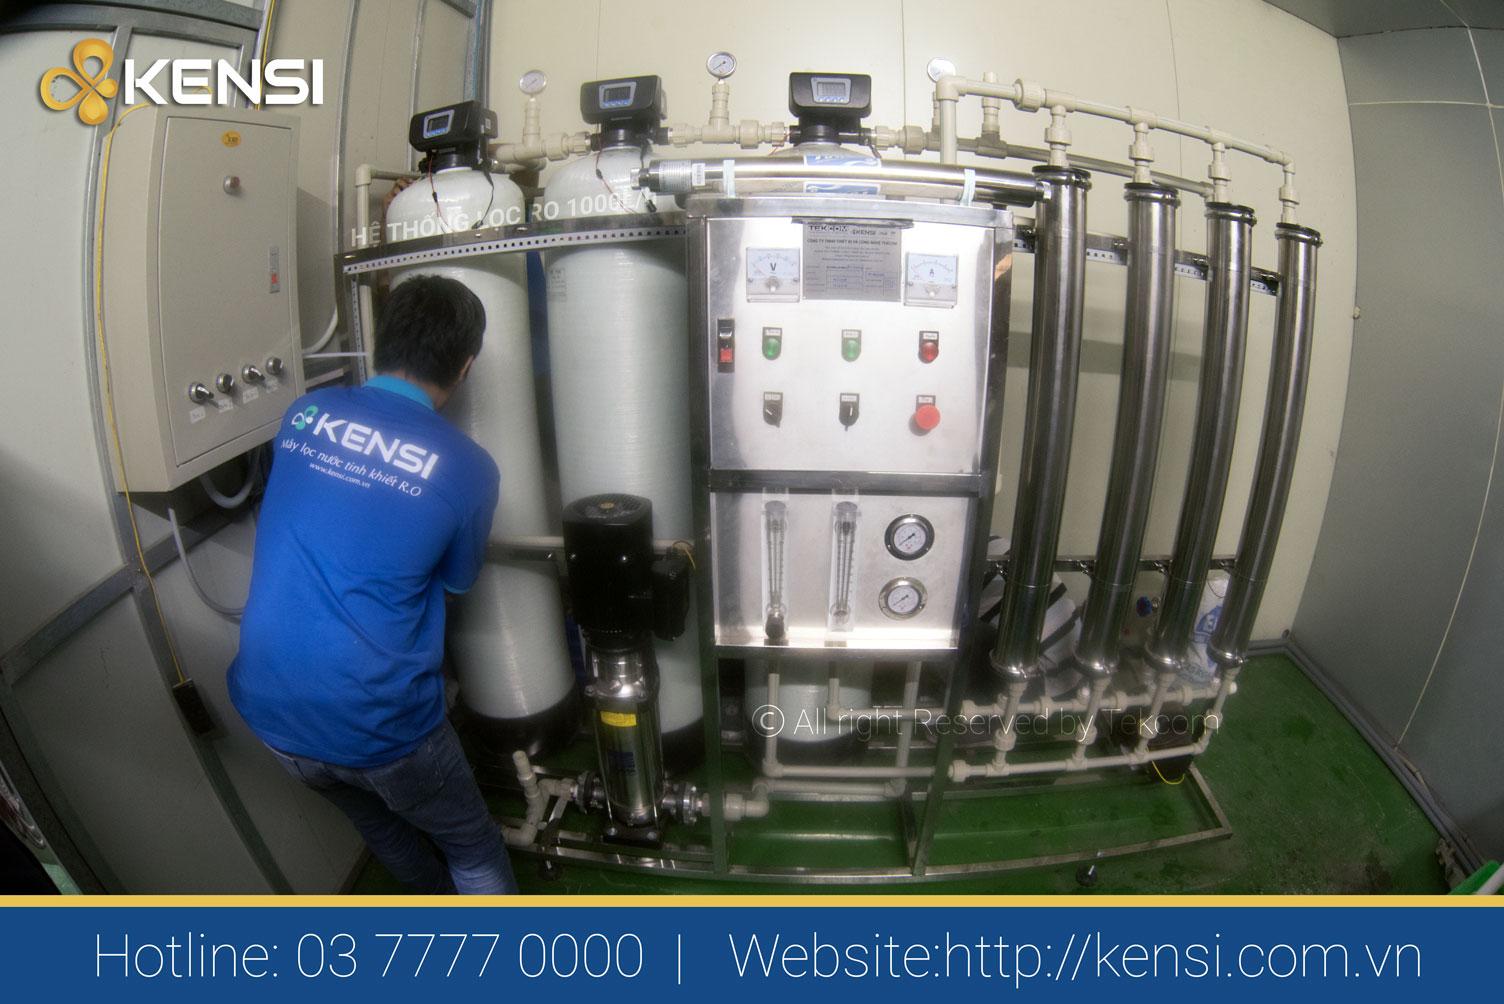 Lắp đặt hệ thống lọc nước RO cho nhà hàng